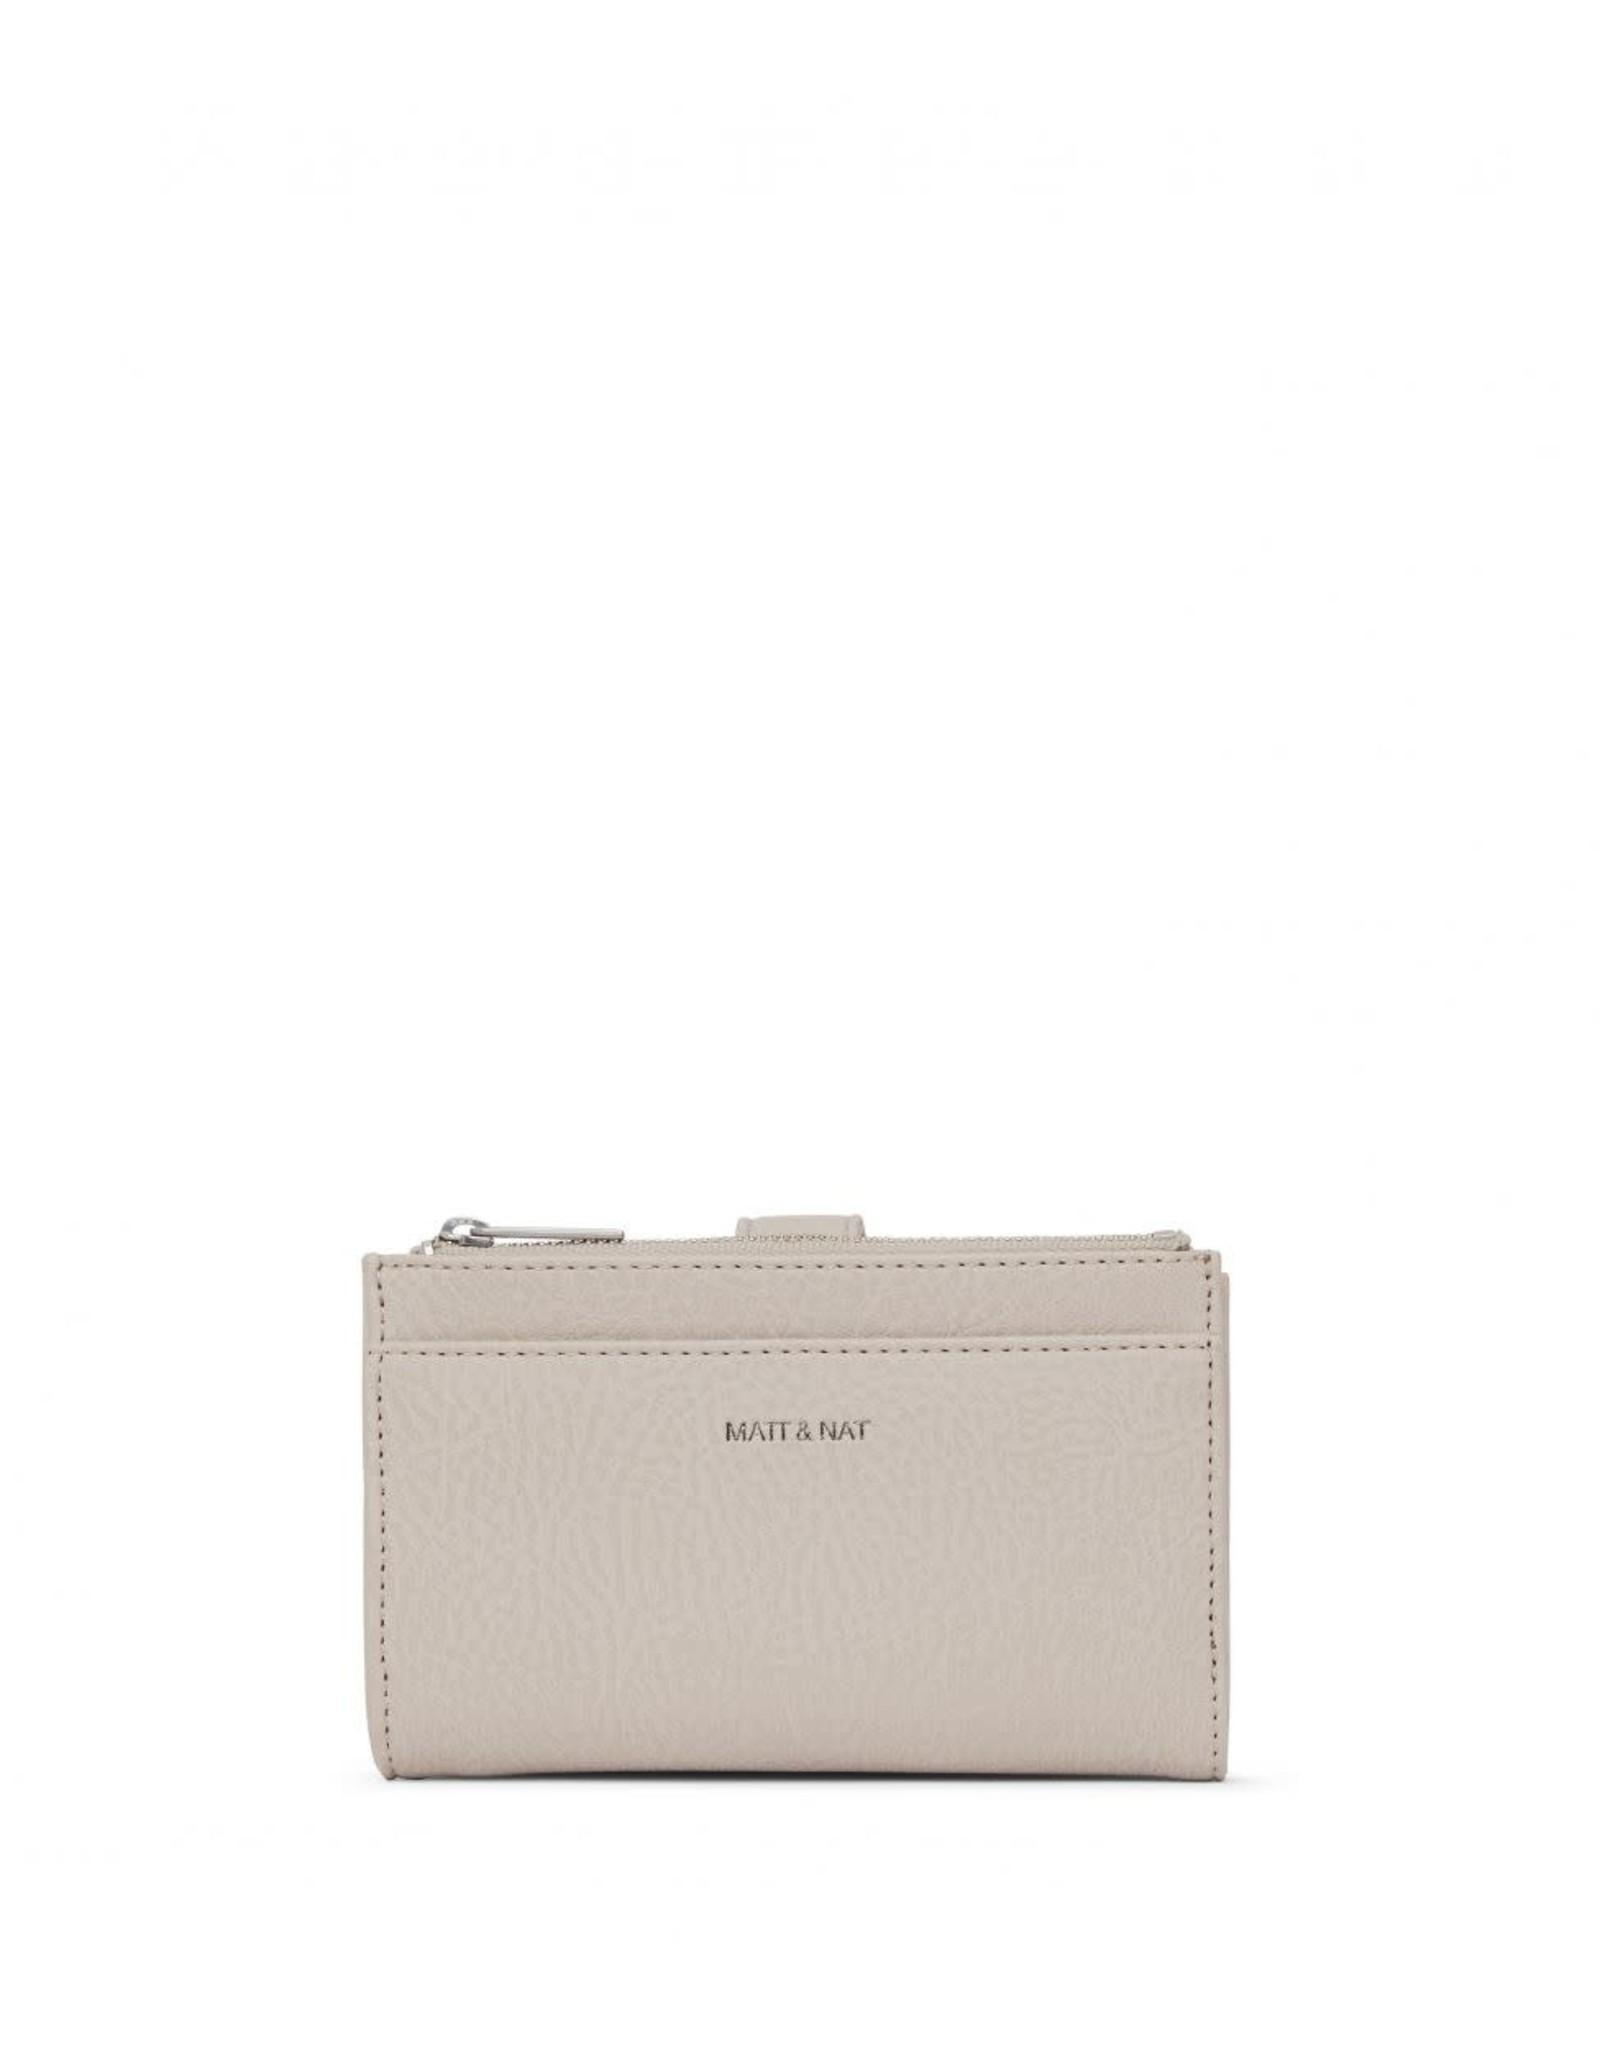 Matt & Nat Motiv Small Wallet/Koala